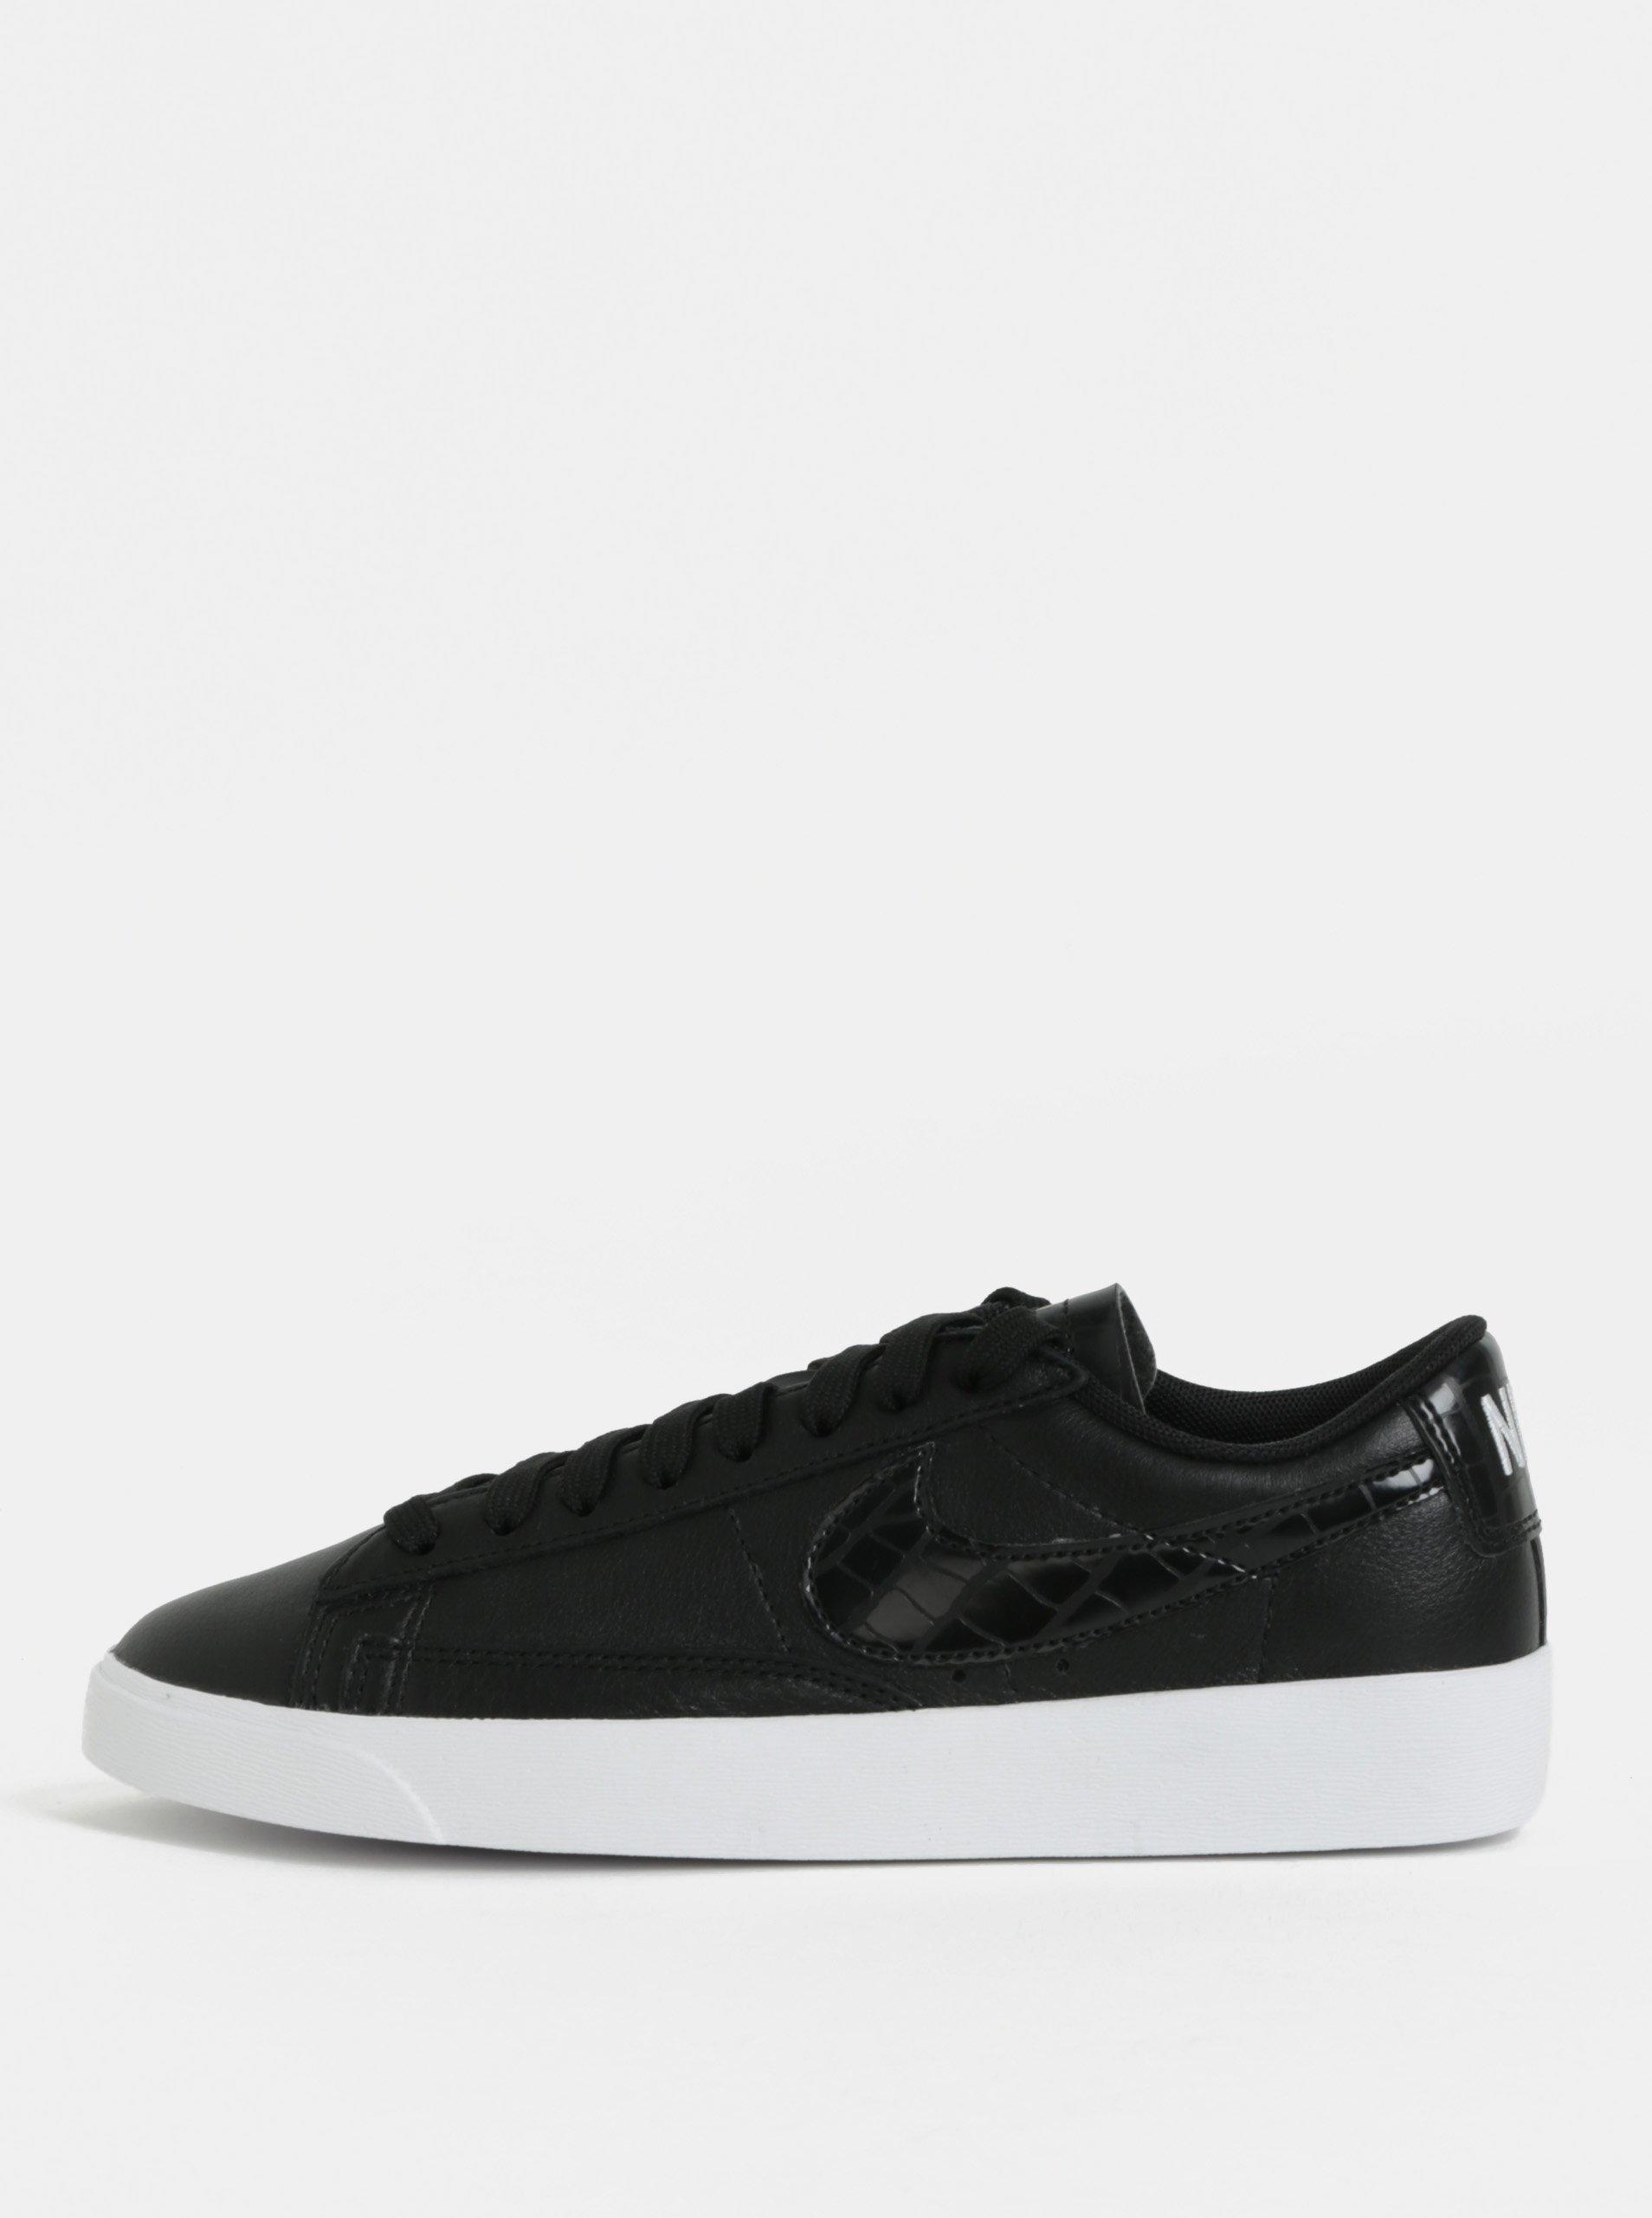 Černé dámské kožené tenisky Nike Blazer Low Leather